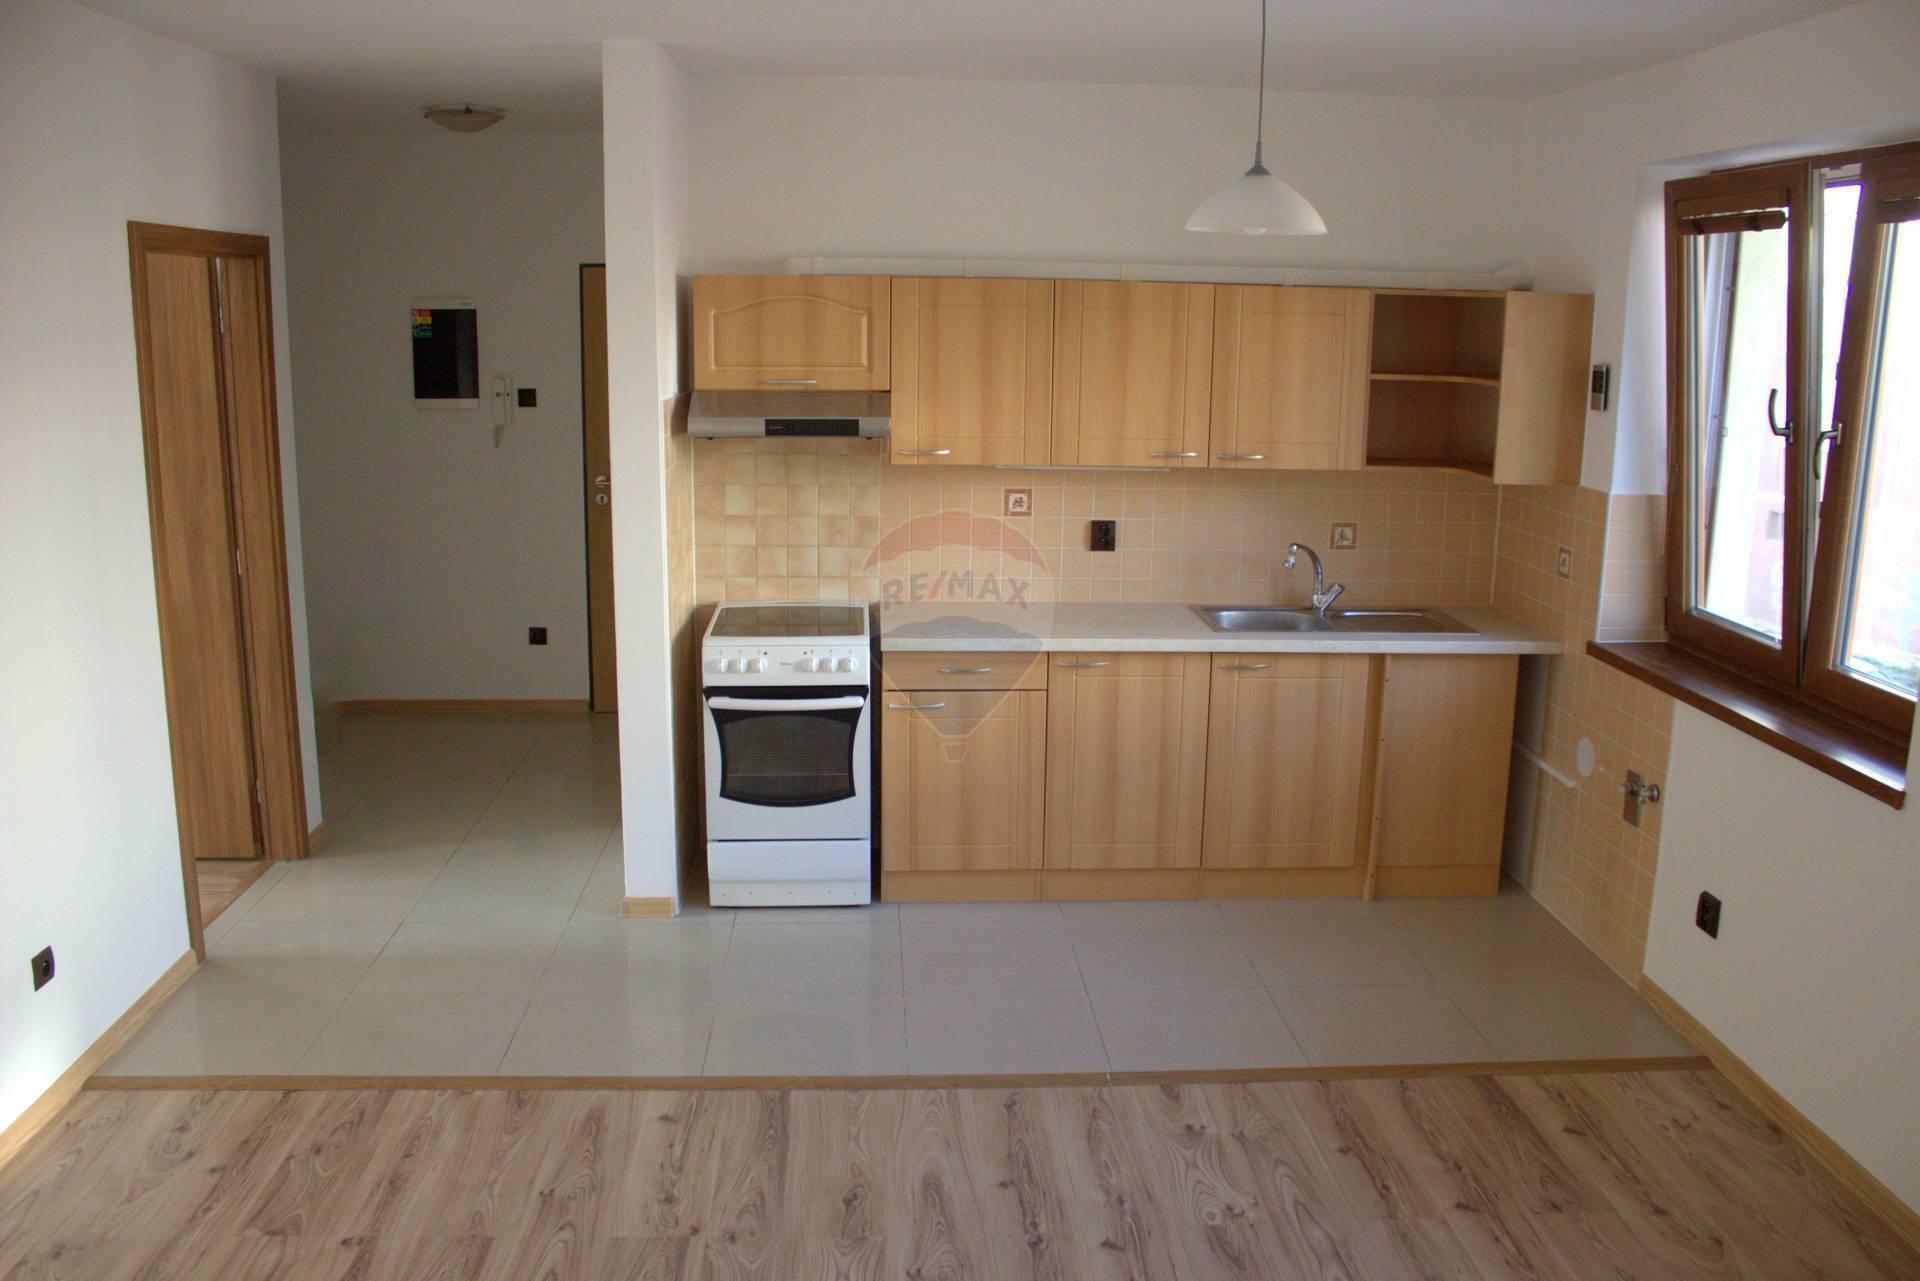 Prenájom bytu (3 izbový) 60 m2, Martin